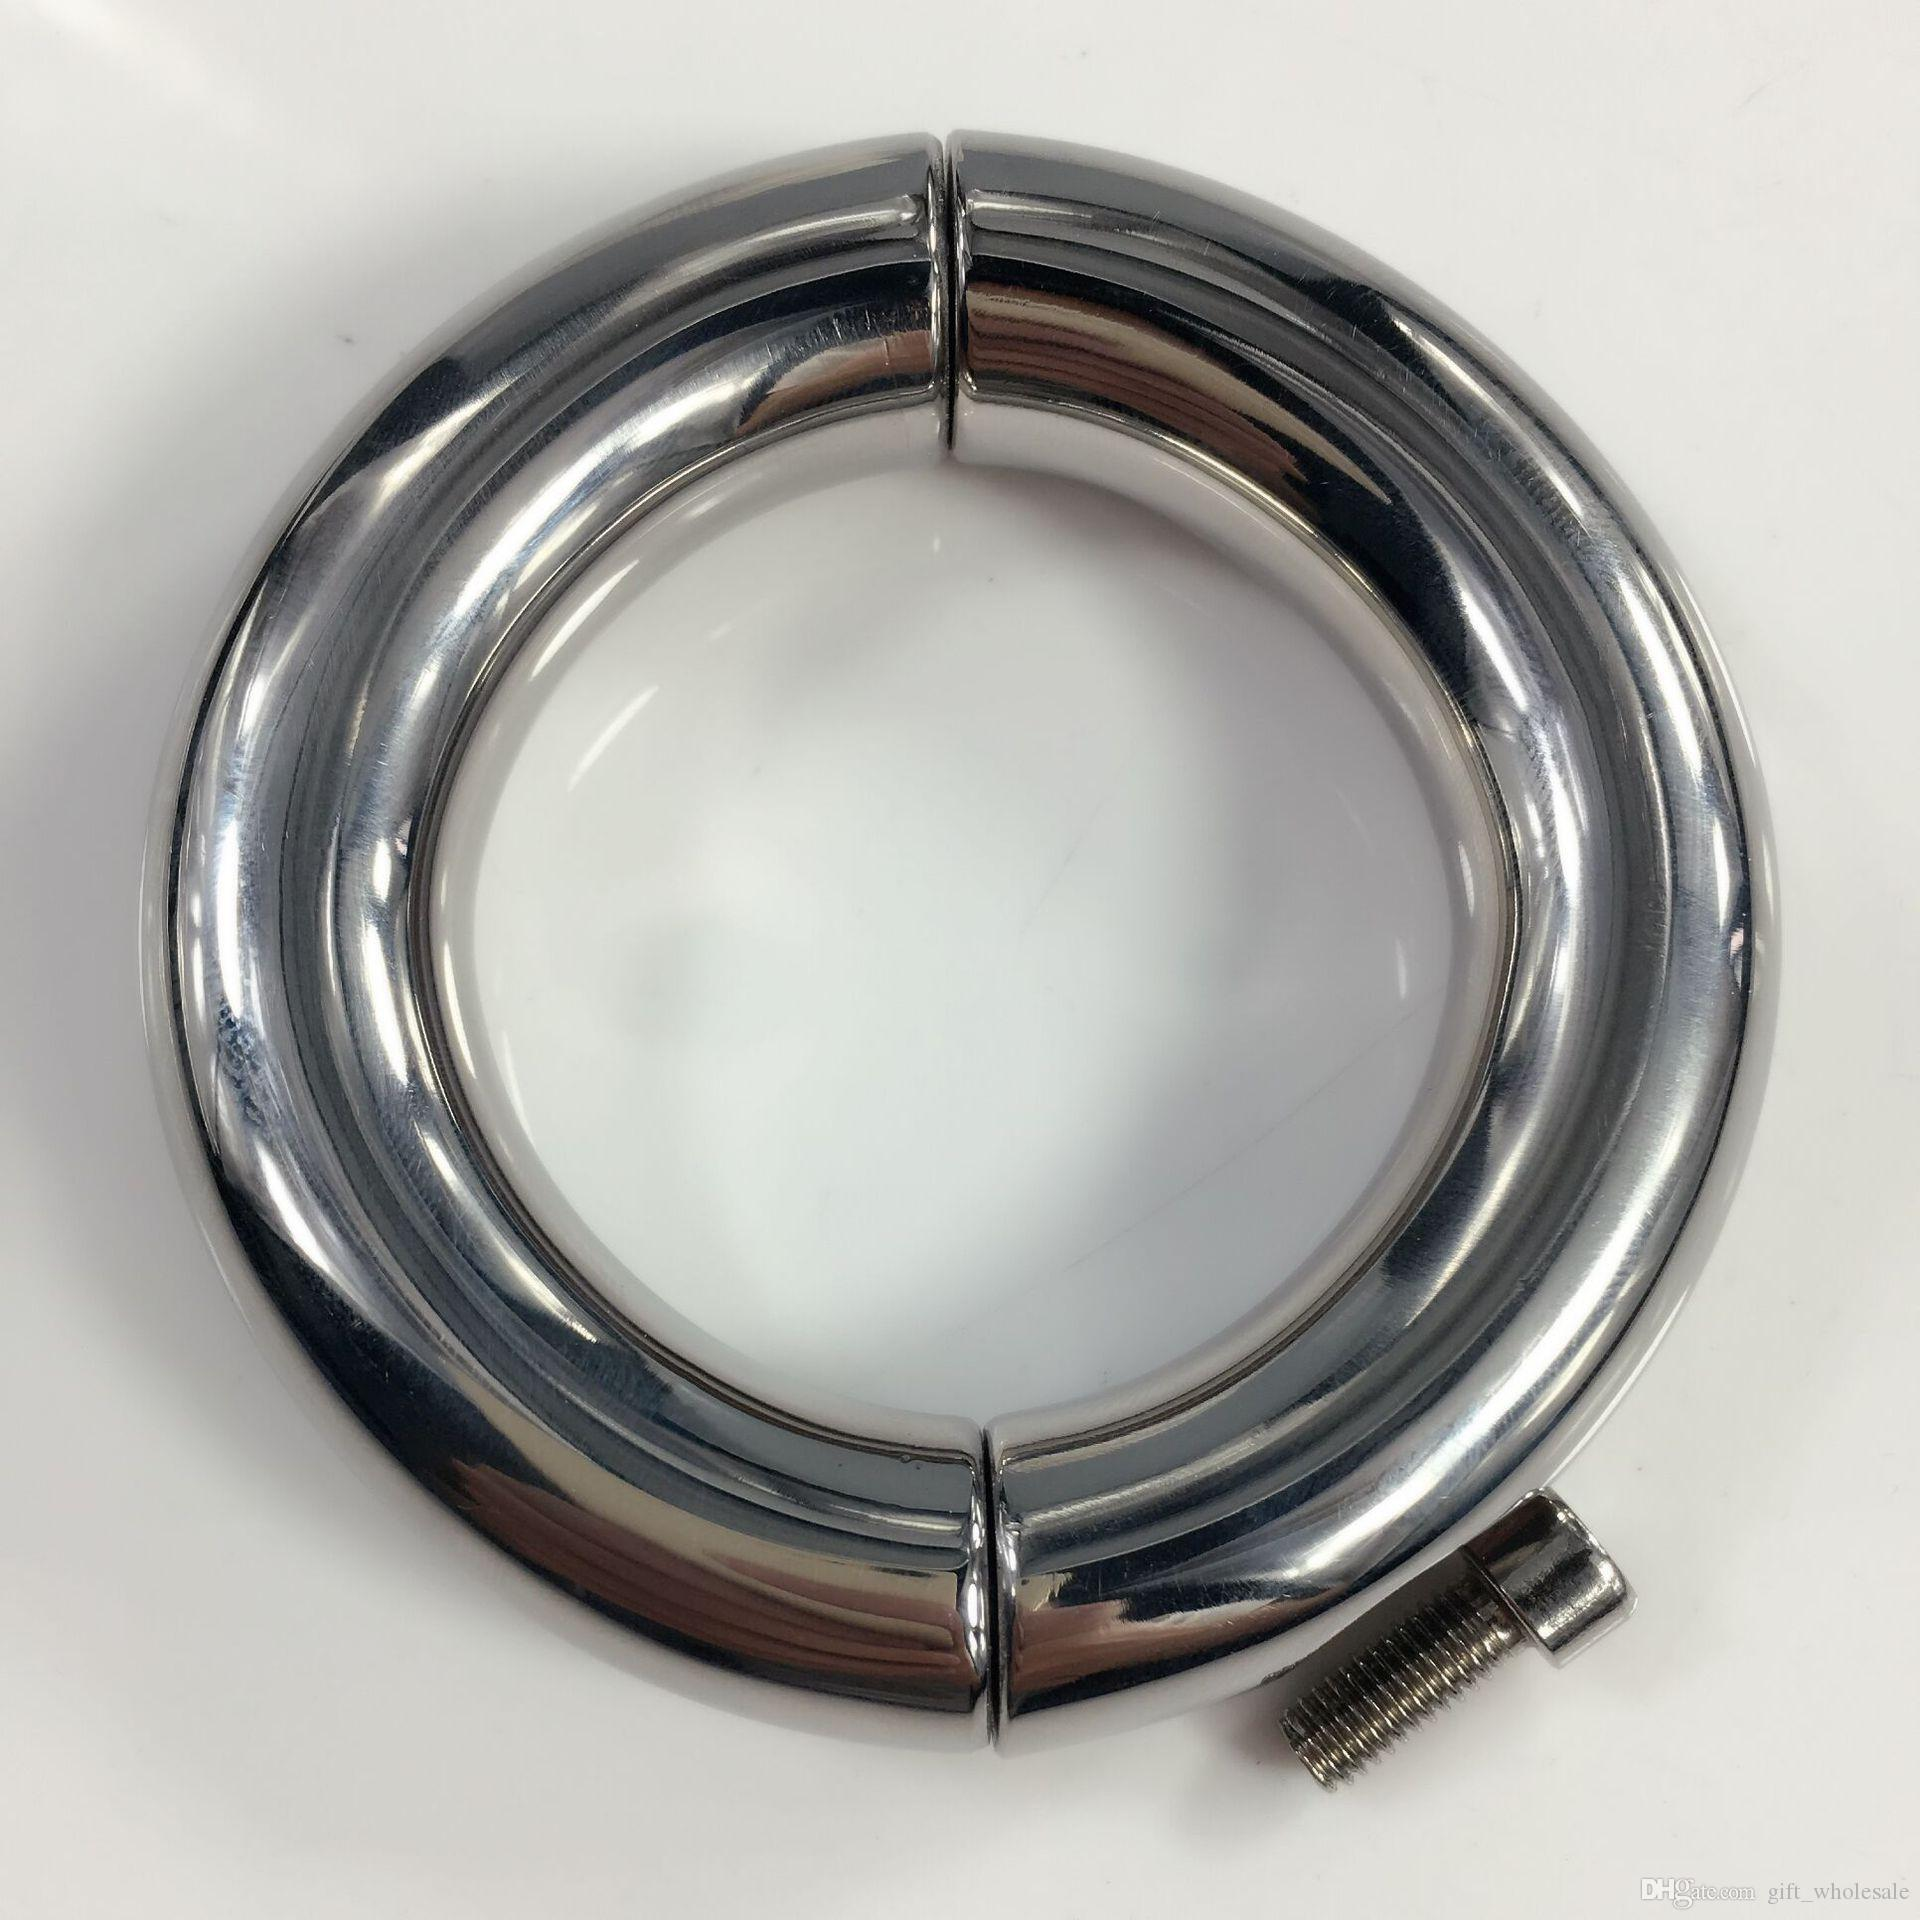 Nouvellement mâle rond extrême métal lourd anneaux coq civière en acier inoxydable Scrotum bondage appareil civière testeur poids balle